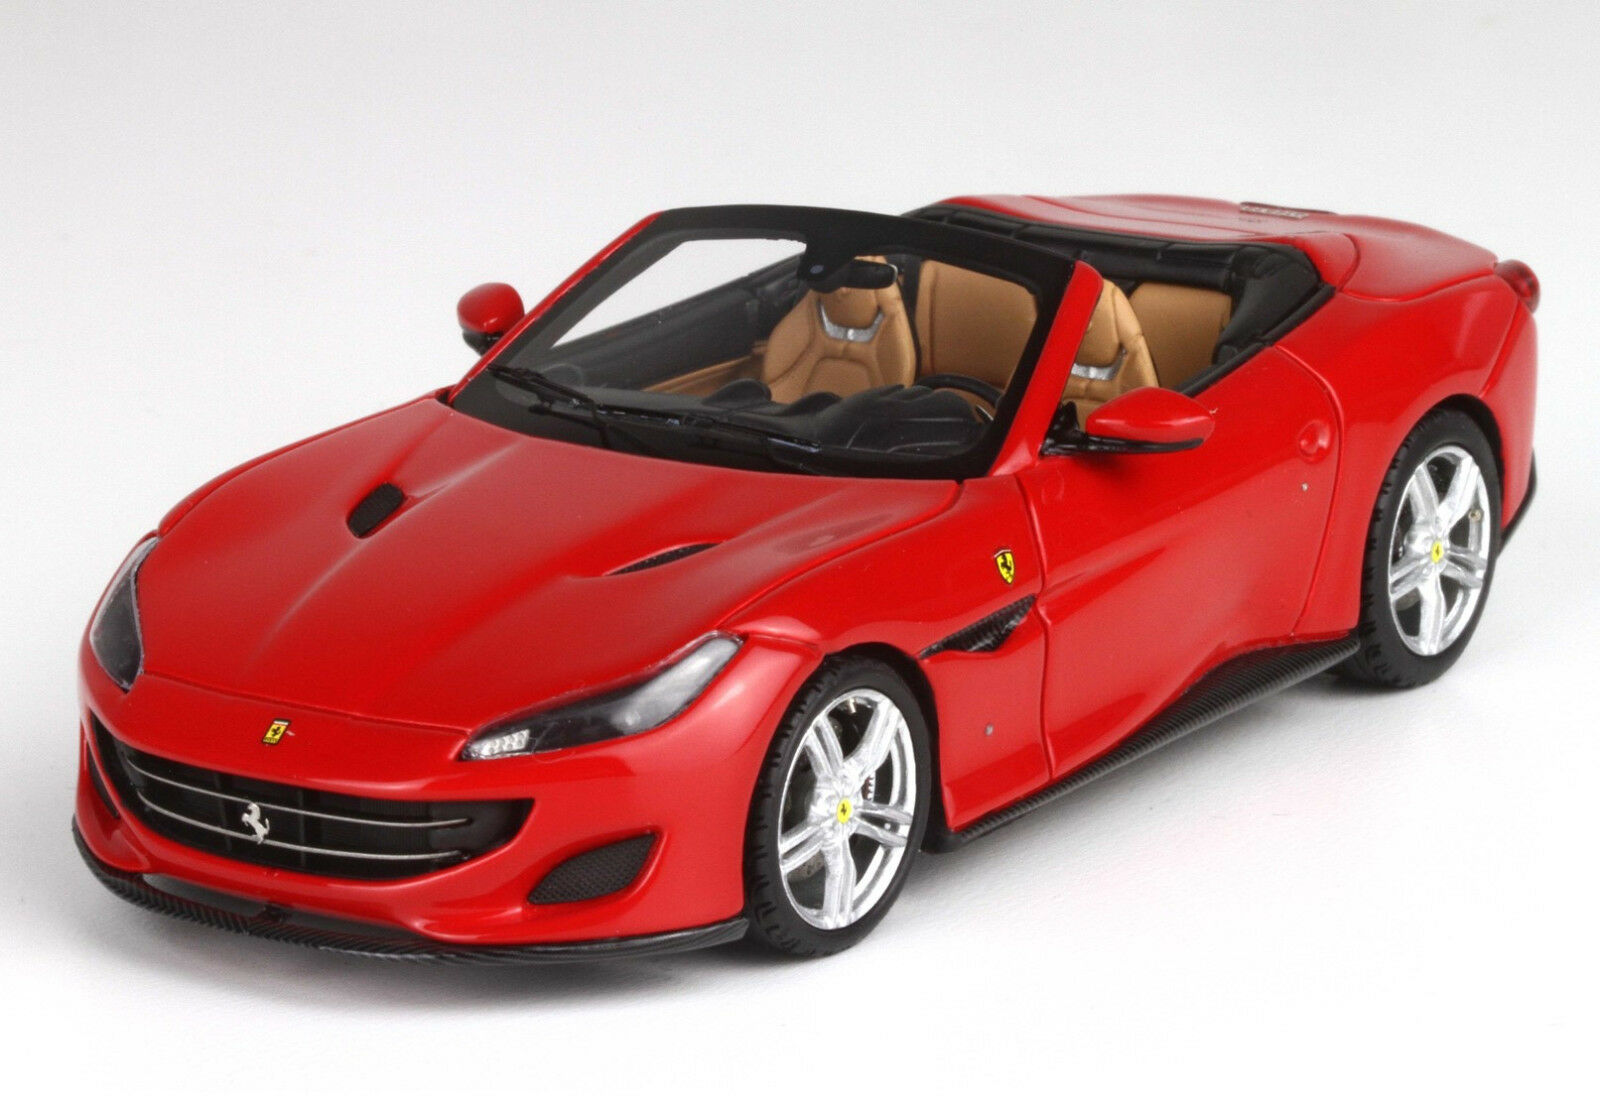 Entrega gratuita y rápida disponible. Ferrari Ferrari Ferrari Portofino Spider versión BBR limitado a 159 unidades 1 43 nuevo embalaje original  auténtico